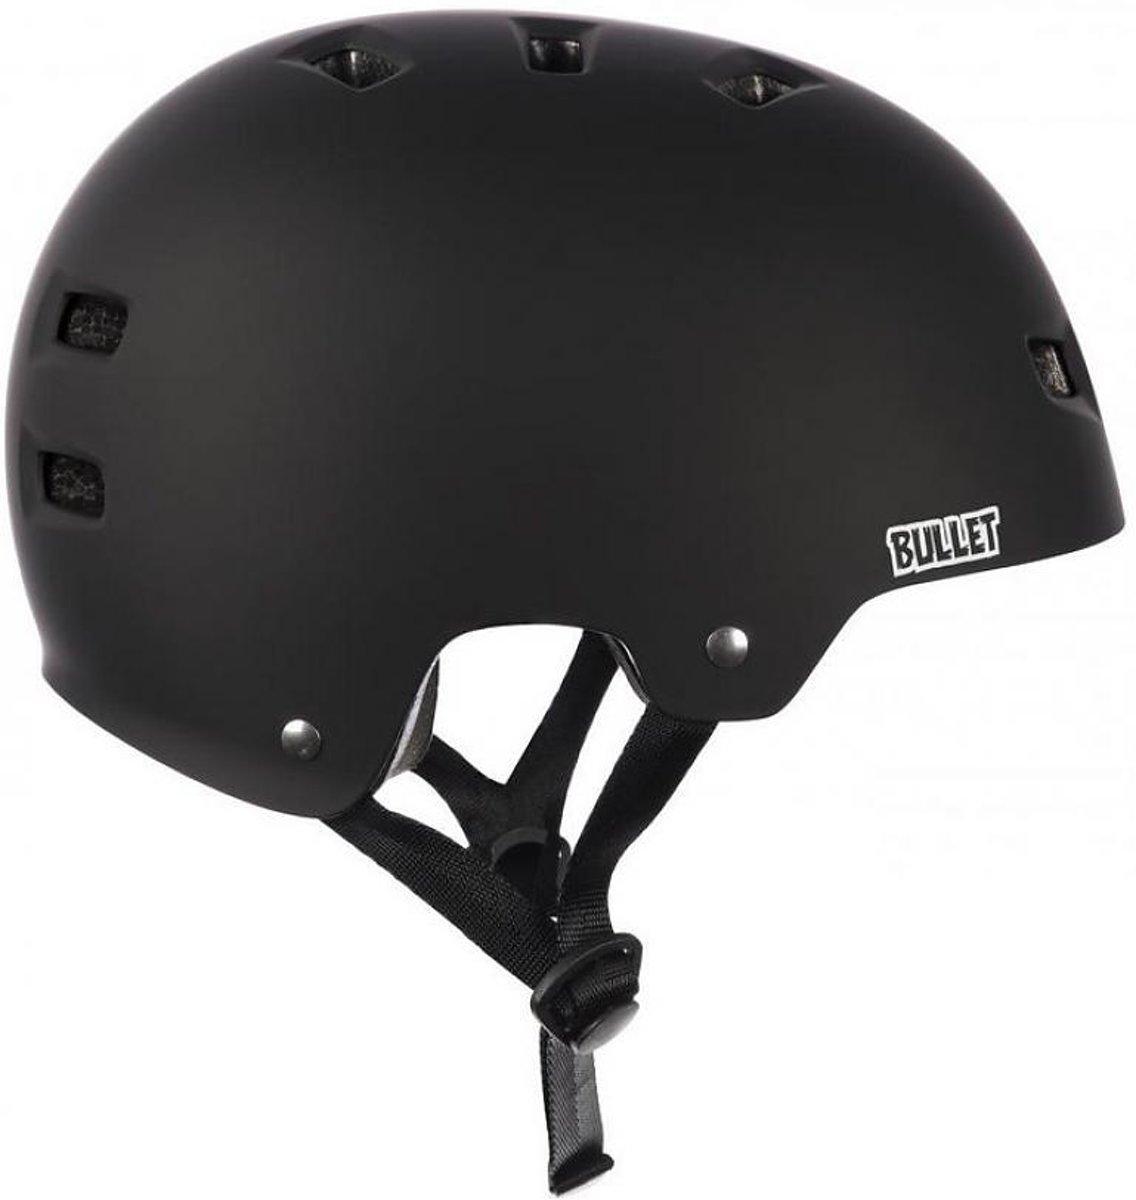 Bullet Deluxe Helmet T35 junior Grom zwart veiligheidshelm kids kopen